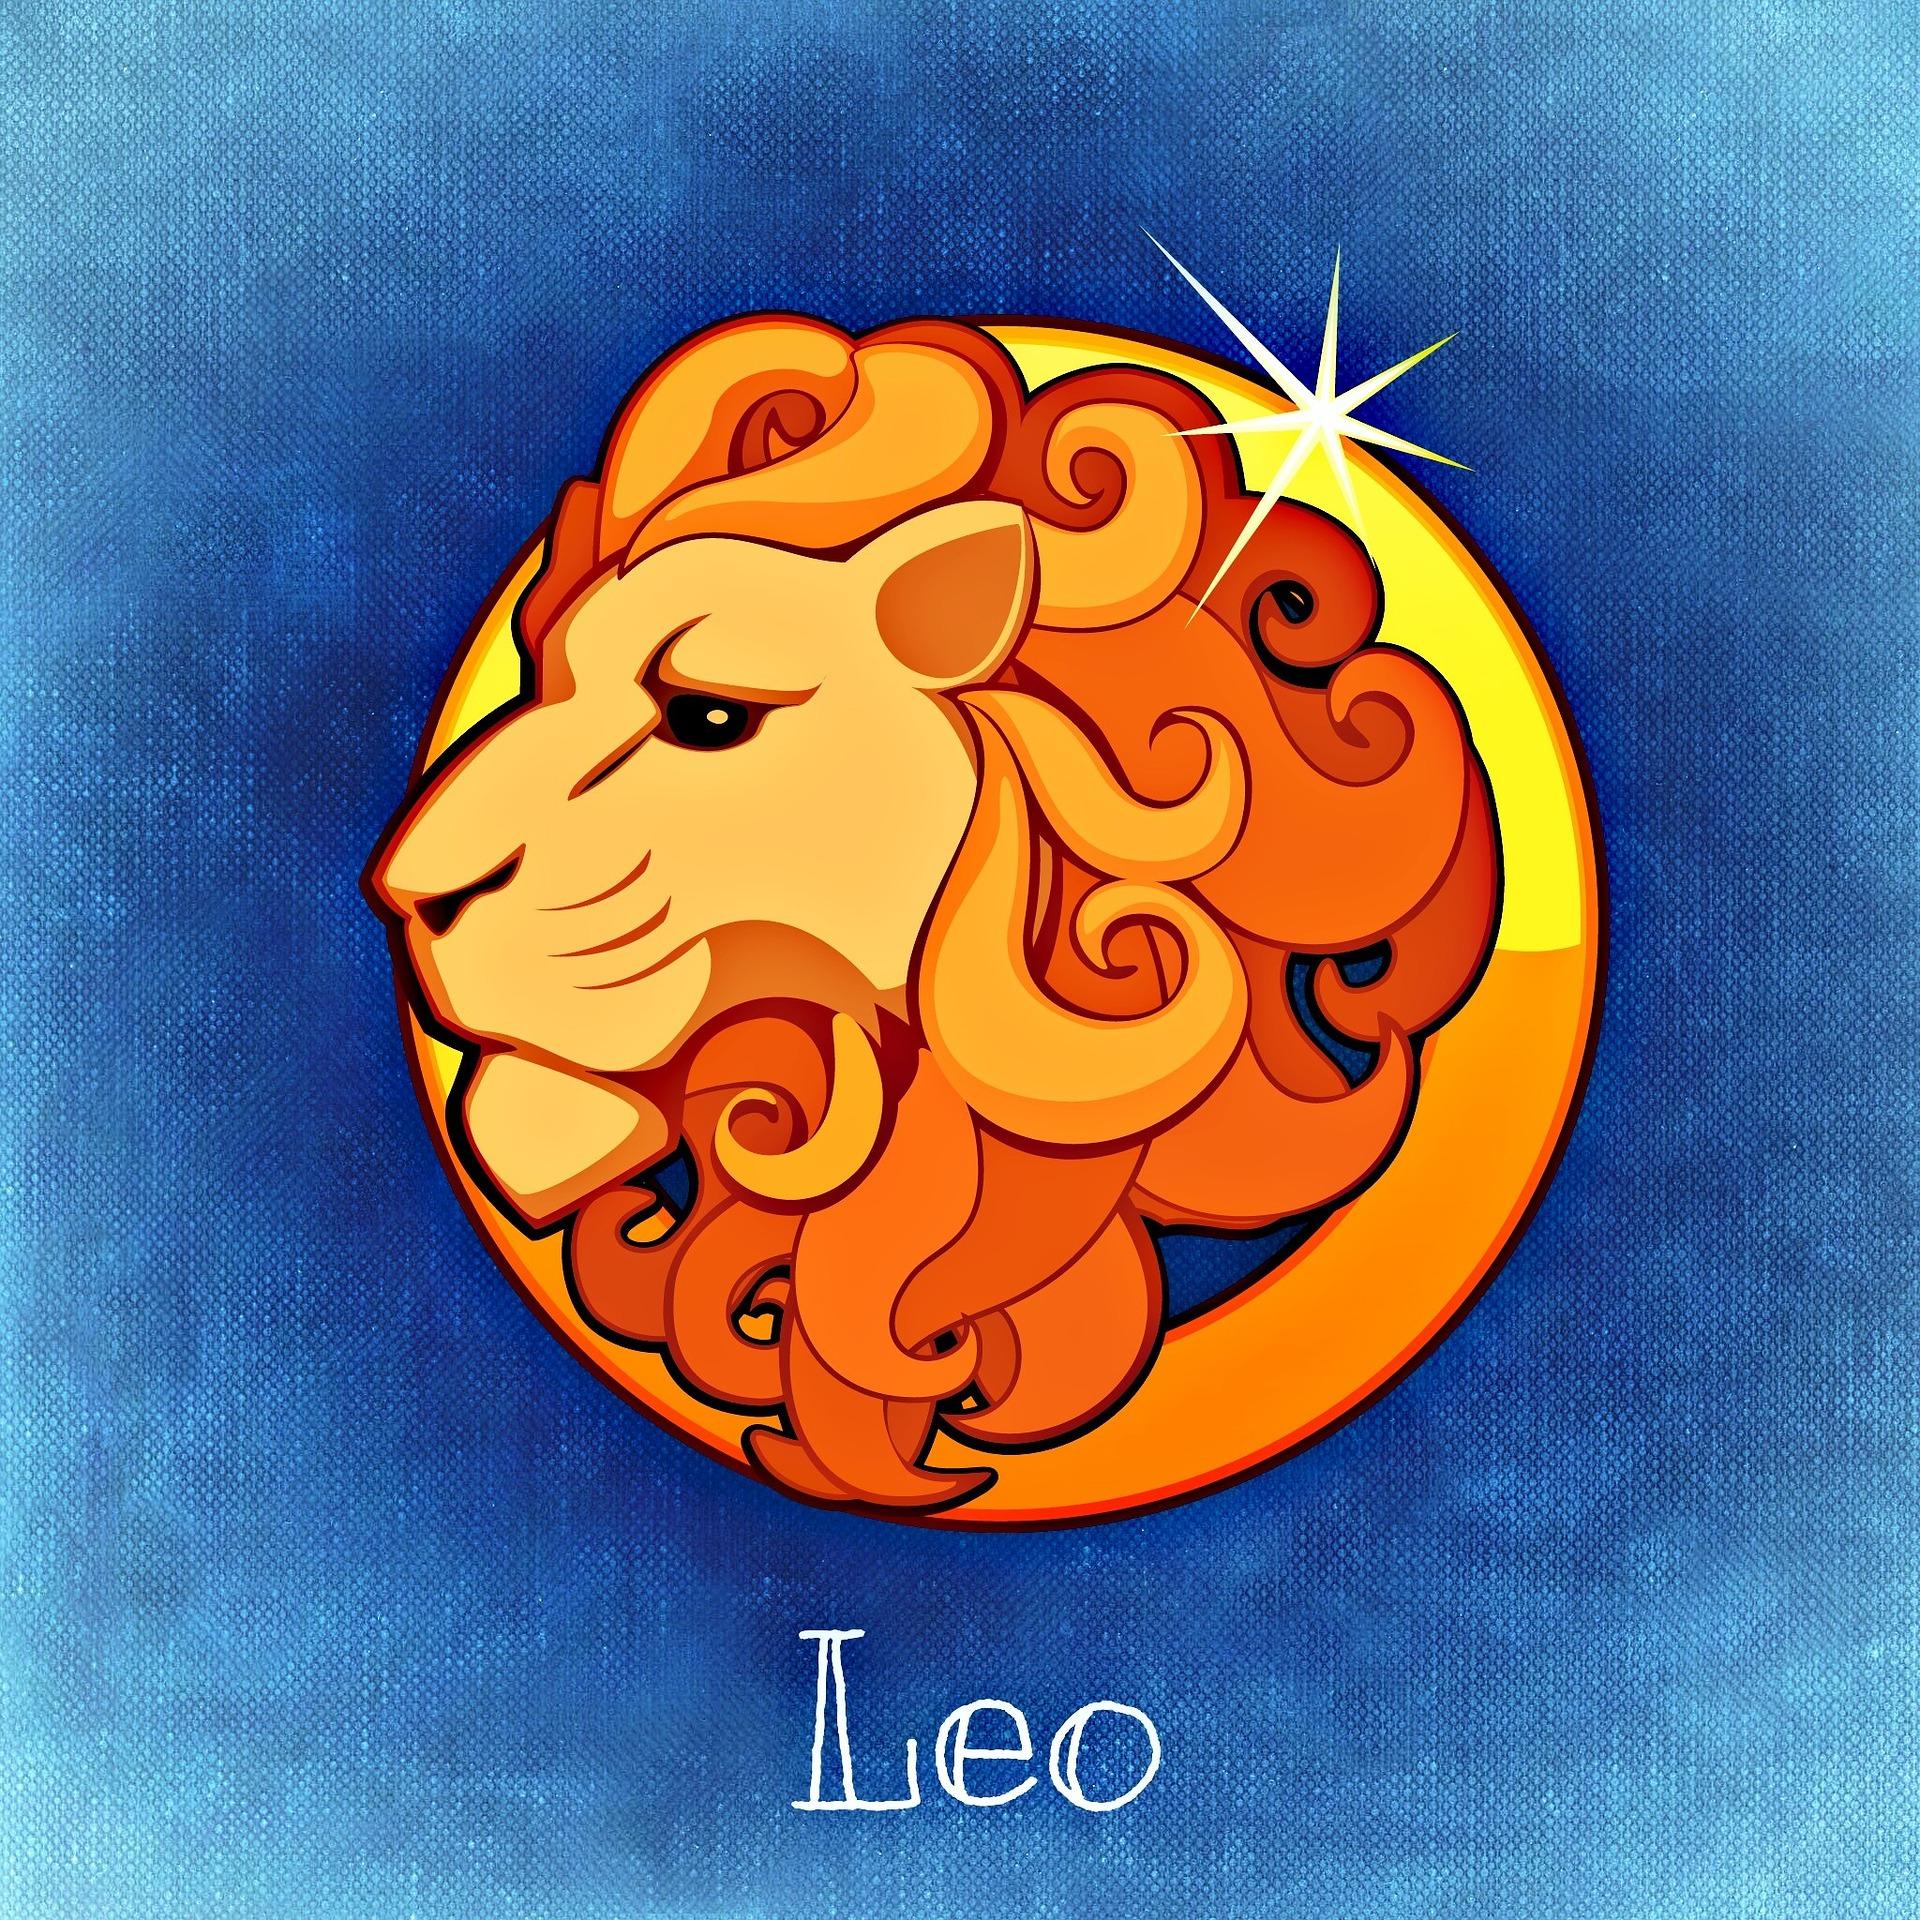 Имя лев: значение, происхождение, характер и судьба - nameorigin.ru